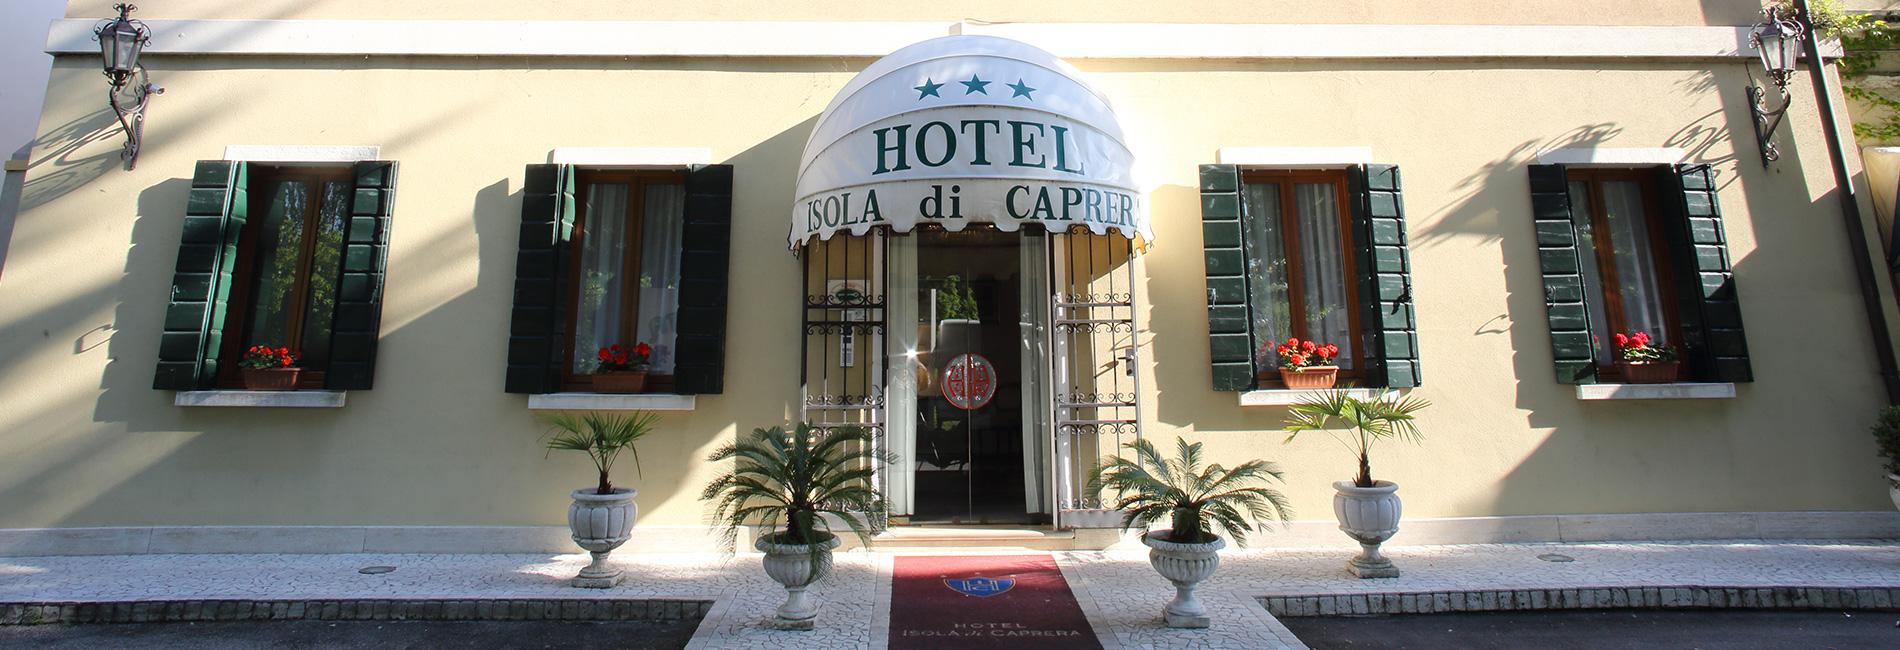 foto-hotel